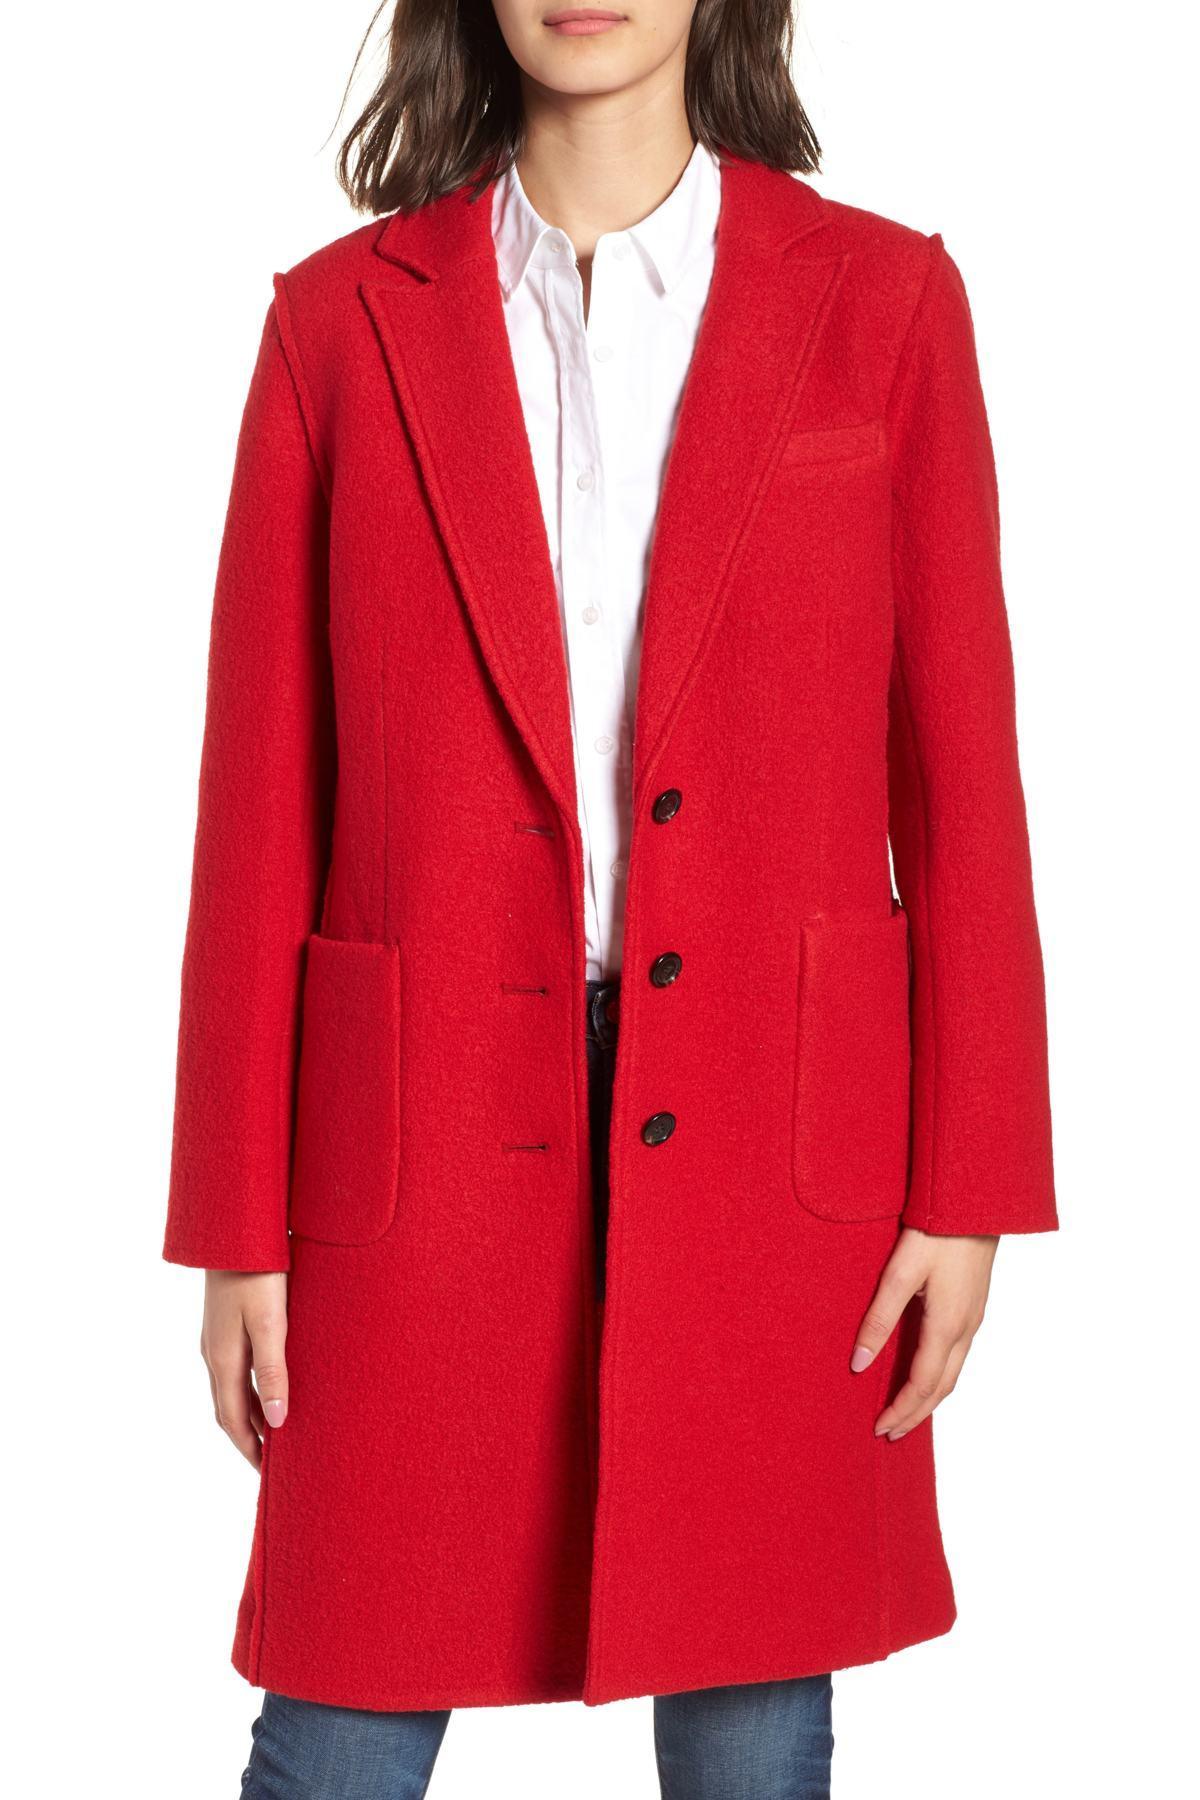 1c242b08732 Lyst - J.Crew Olga Boiled Wool Topcoat (regular   Petite) in Red ...